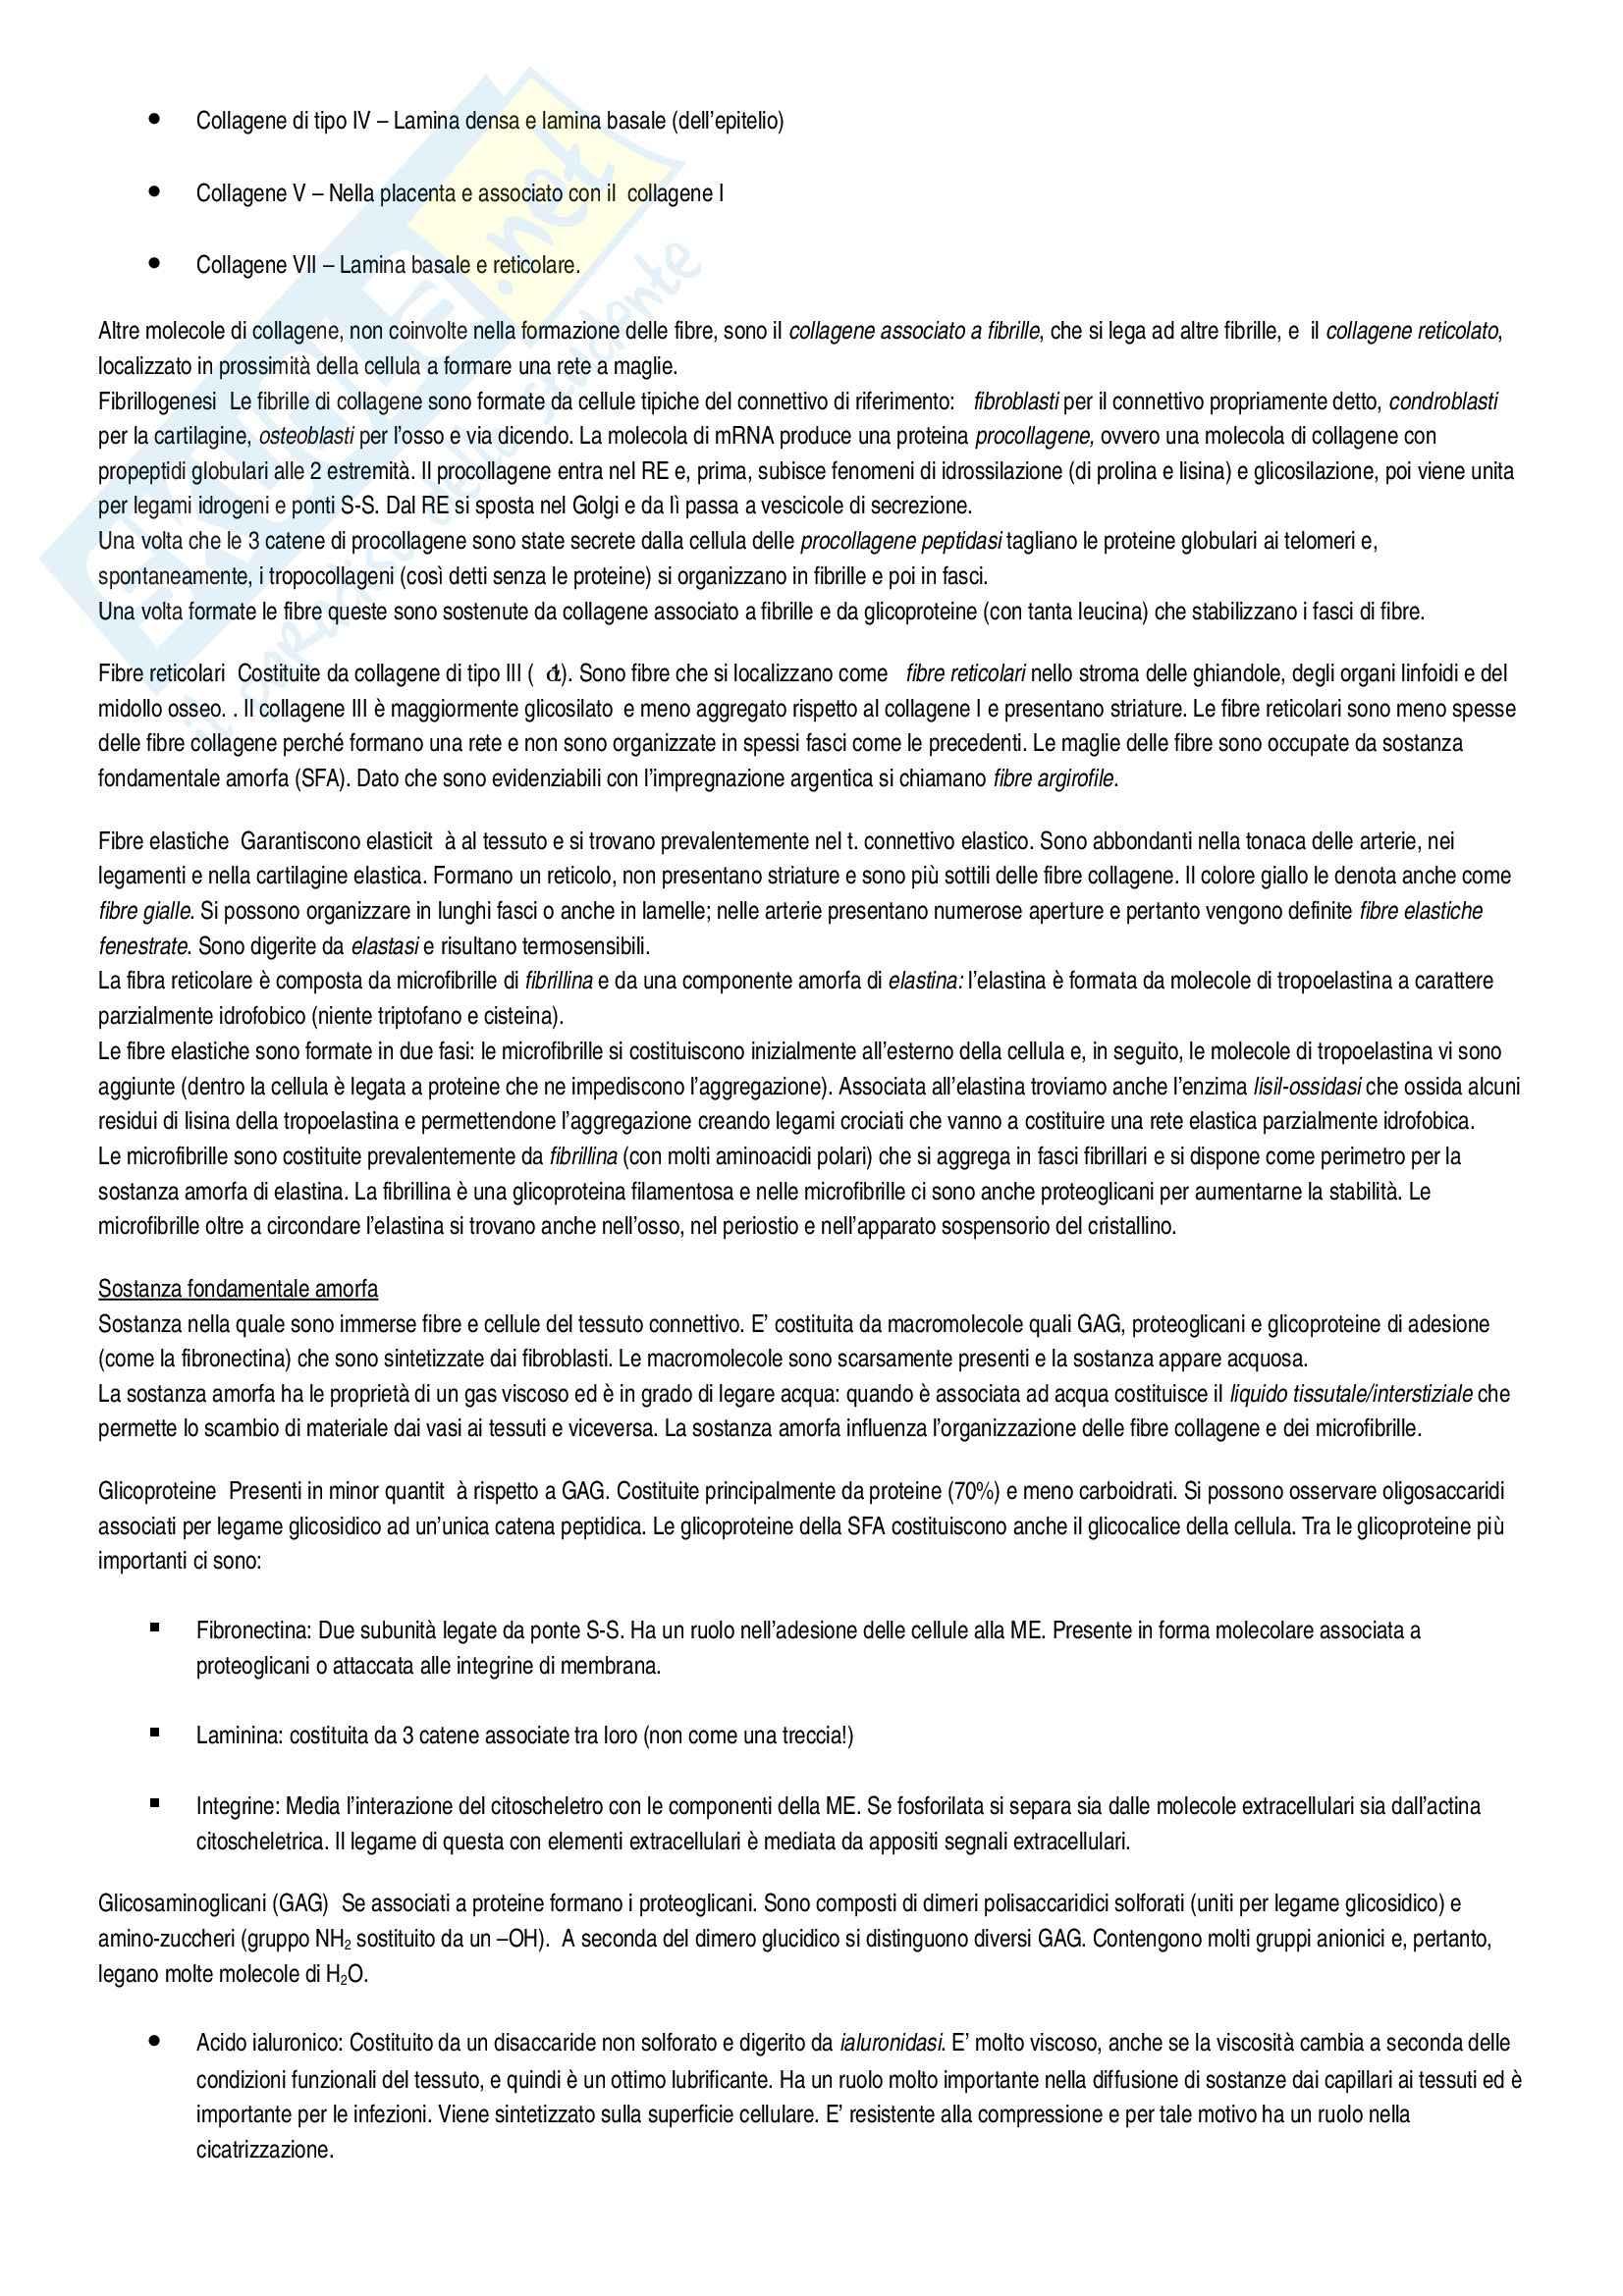 Riassunto esame Istologia, Istologia Monesi, prof. Canipari Pag. 16